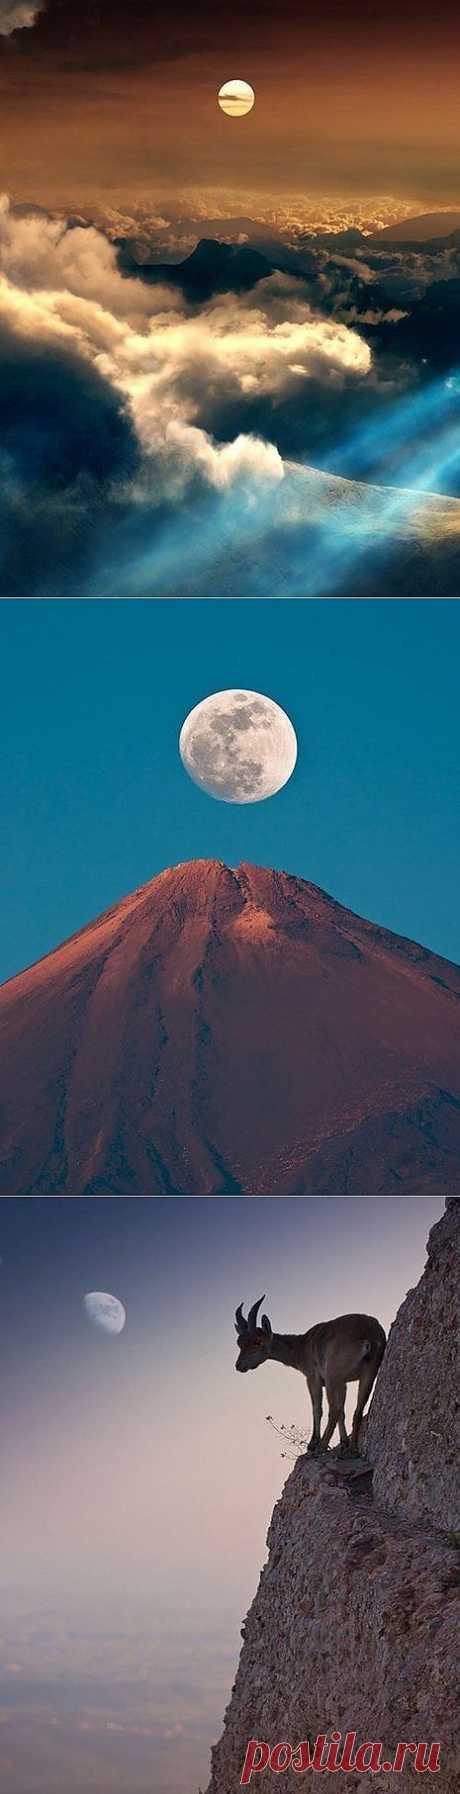 El semblante de la luna